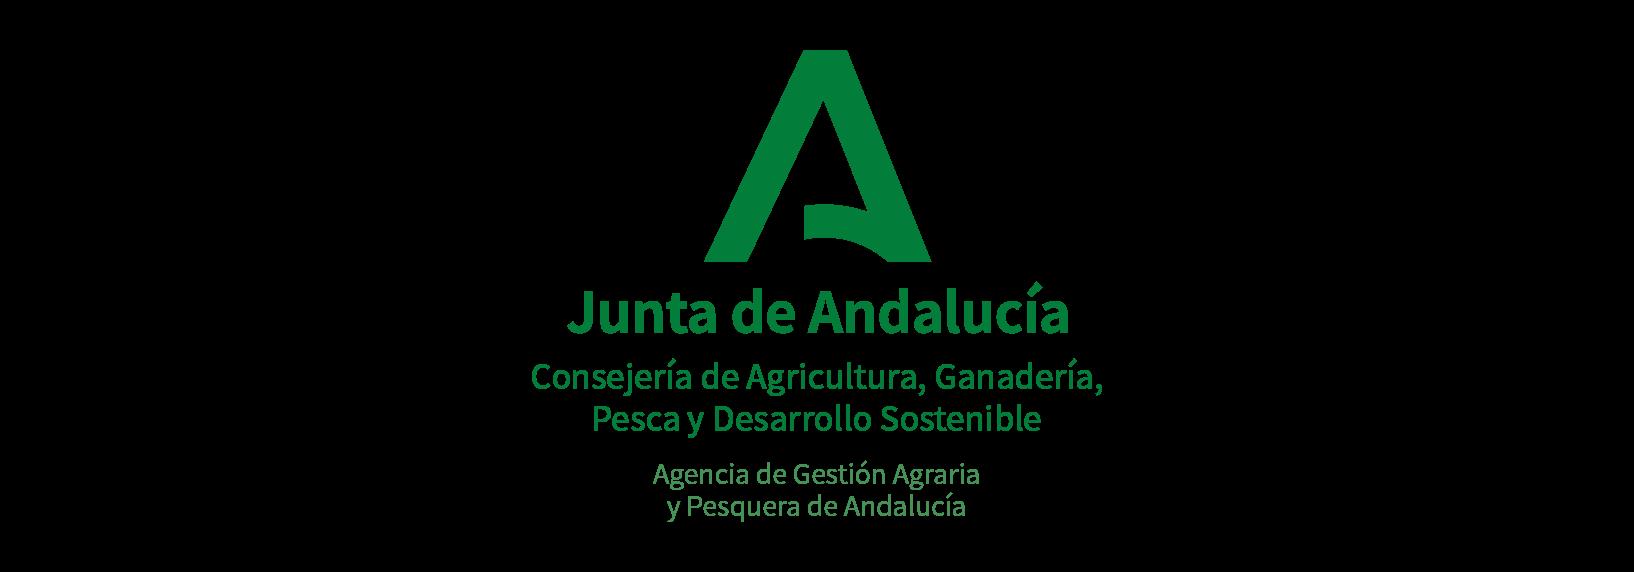 AGAPA-vertical_1tinta__ (002)